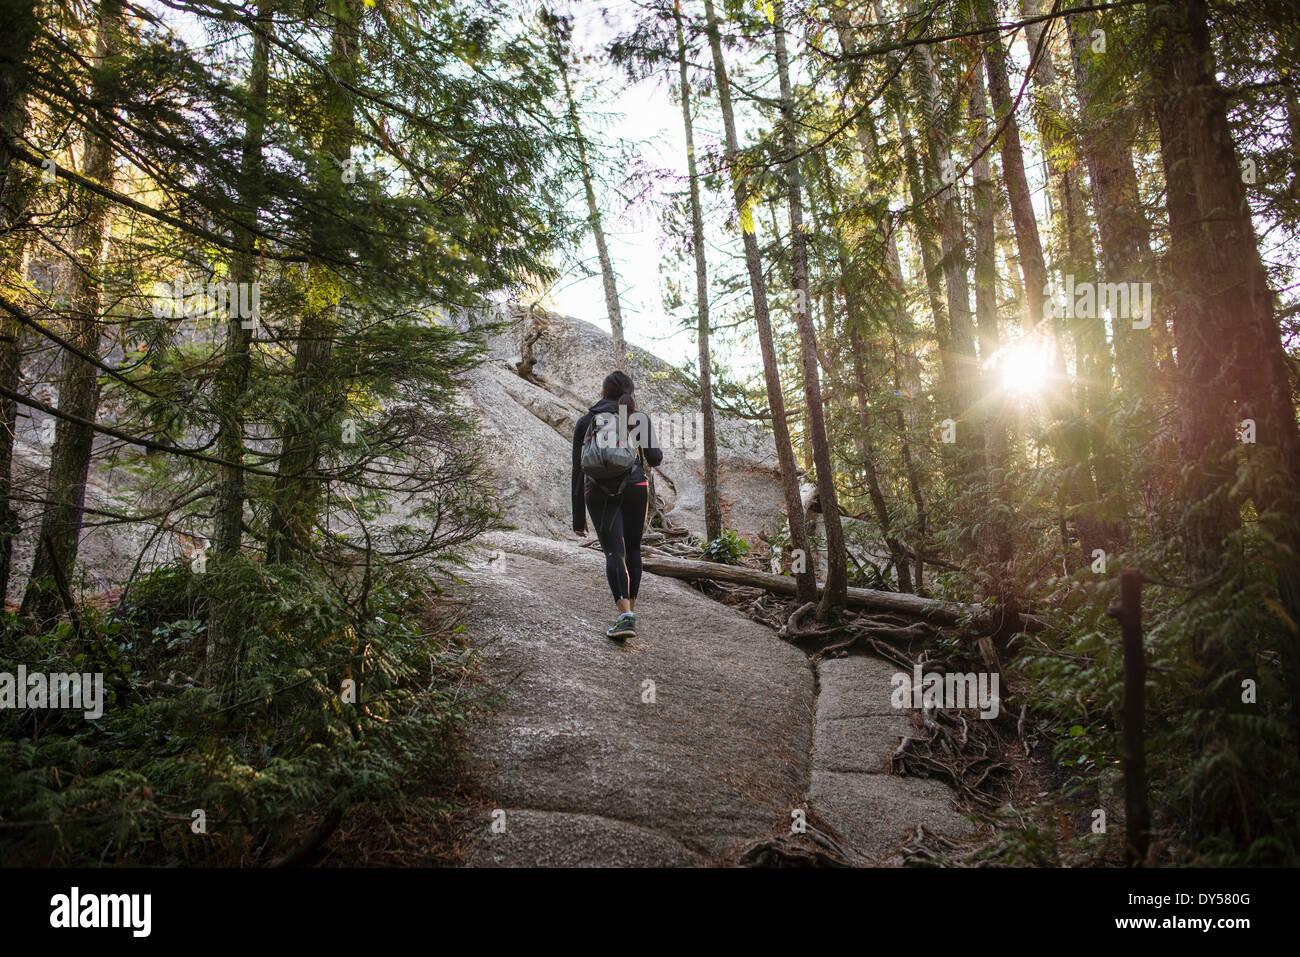 Mujer joven caminando a través del bosque, Squamish, British Columbia, Canadá Imagen De Stock